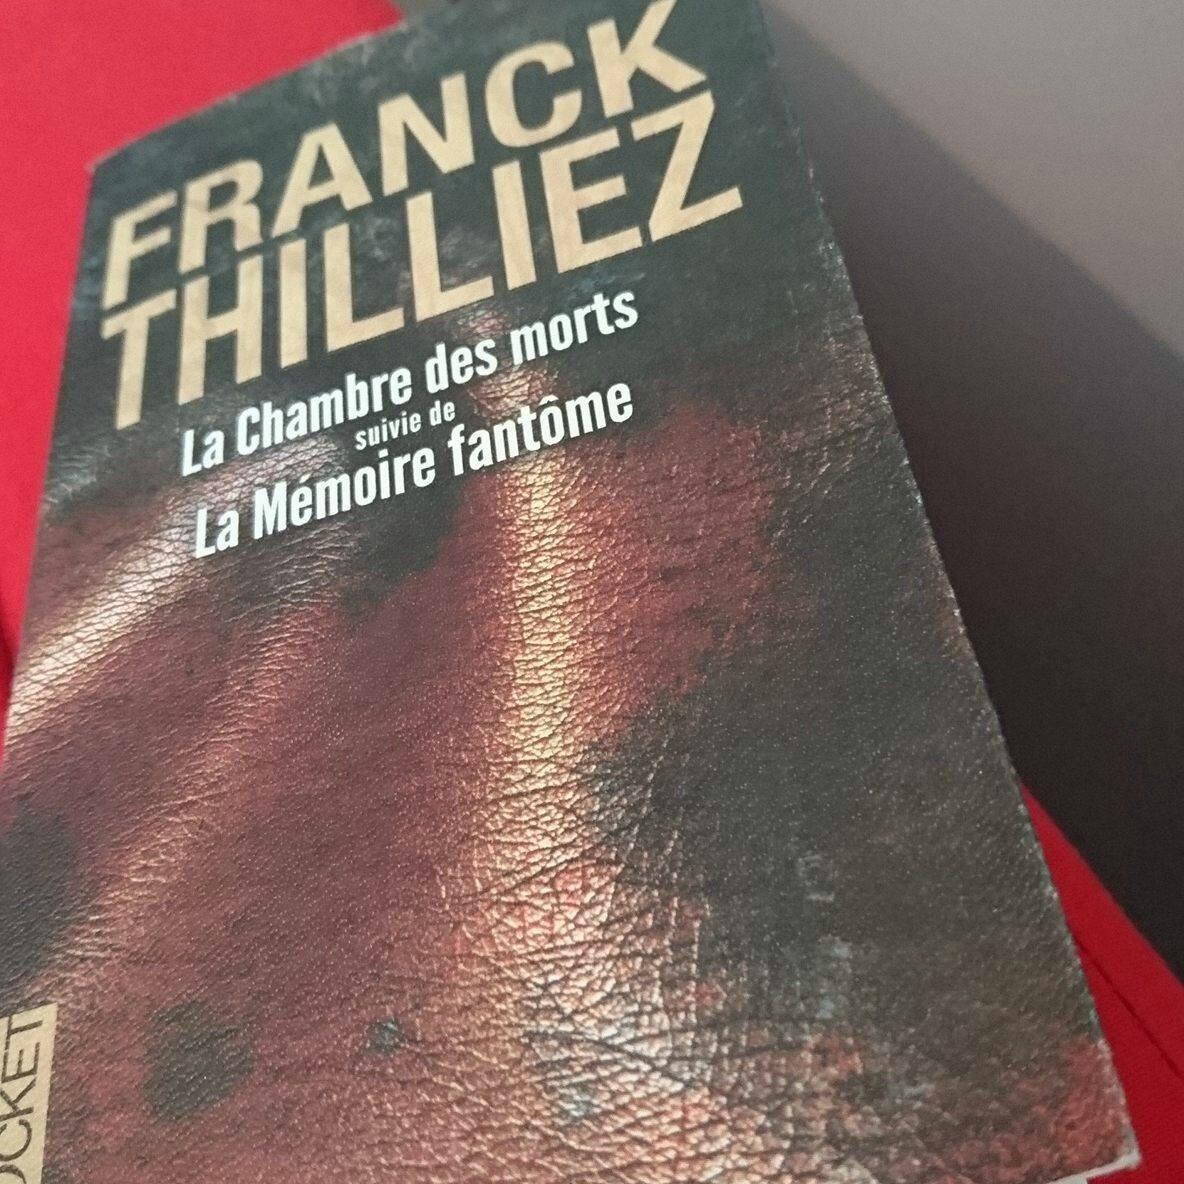 La m moire fant me de franck thilliez salhuna - La chambre des morts franck thilliez ...